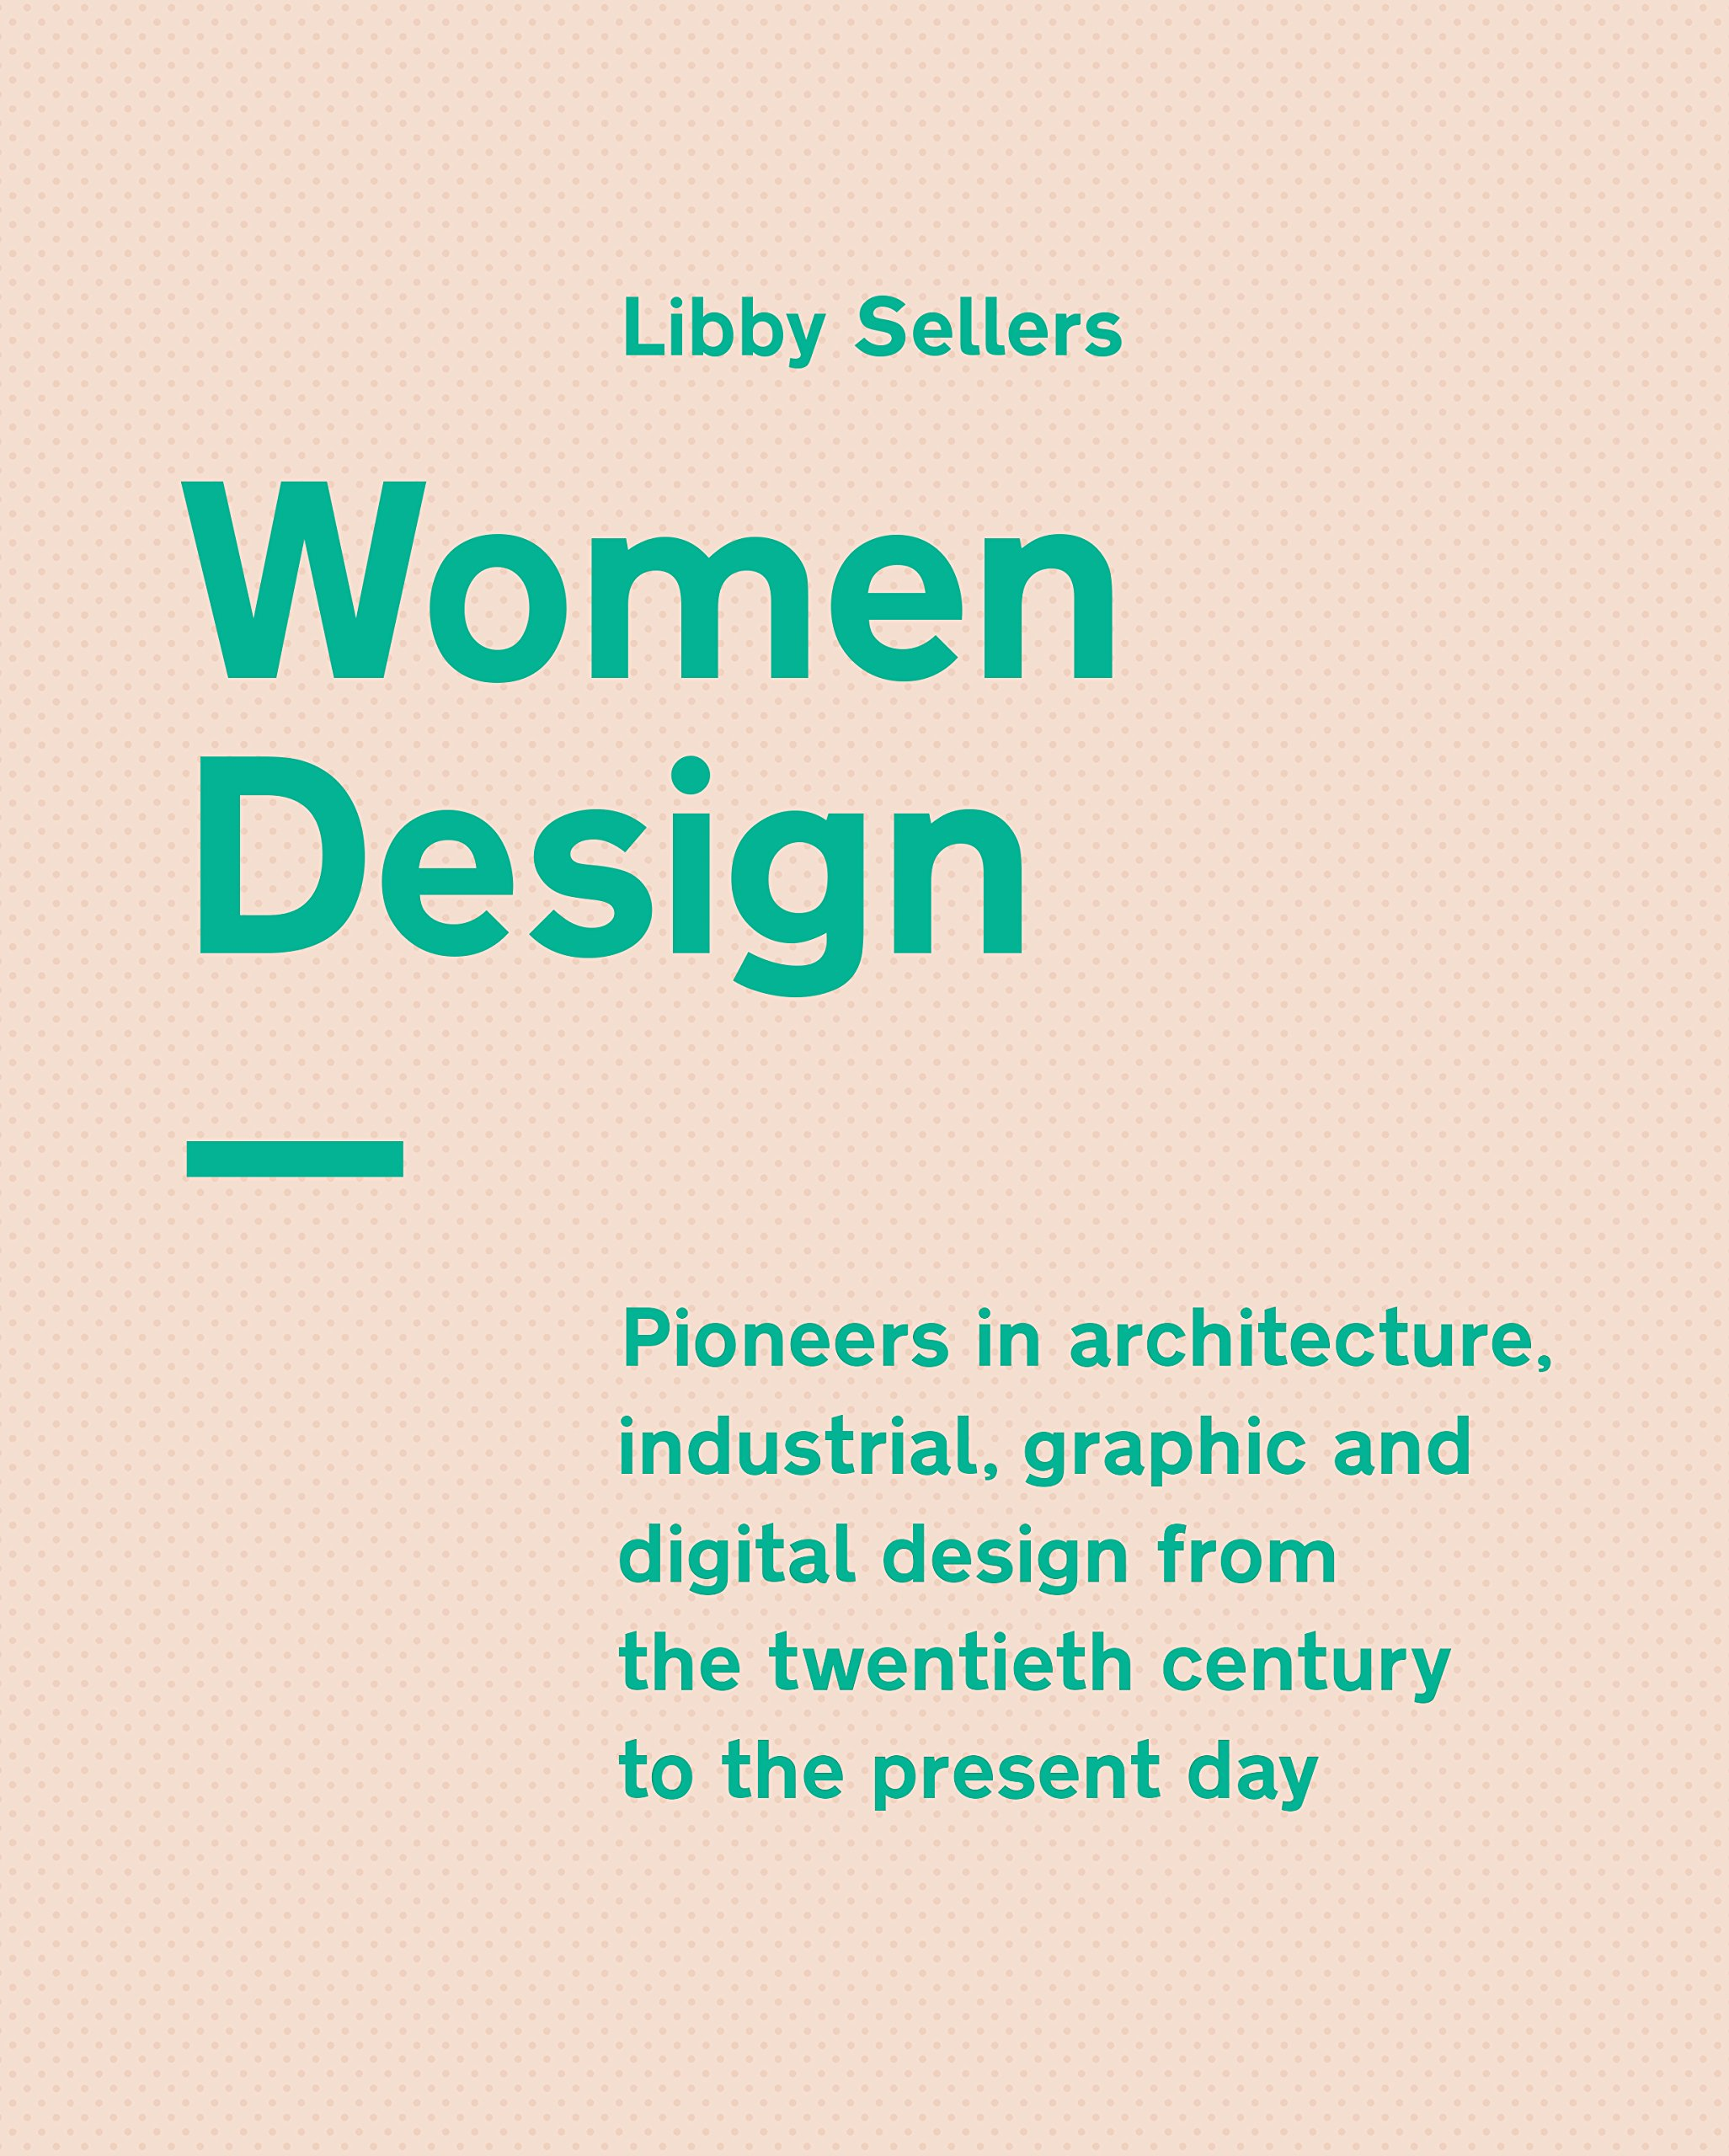 Women design.jpg